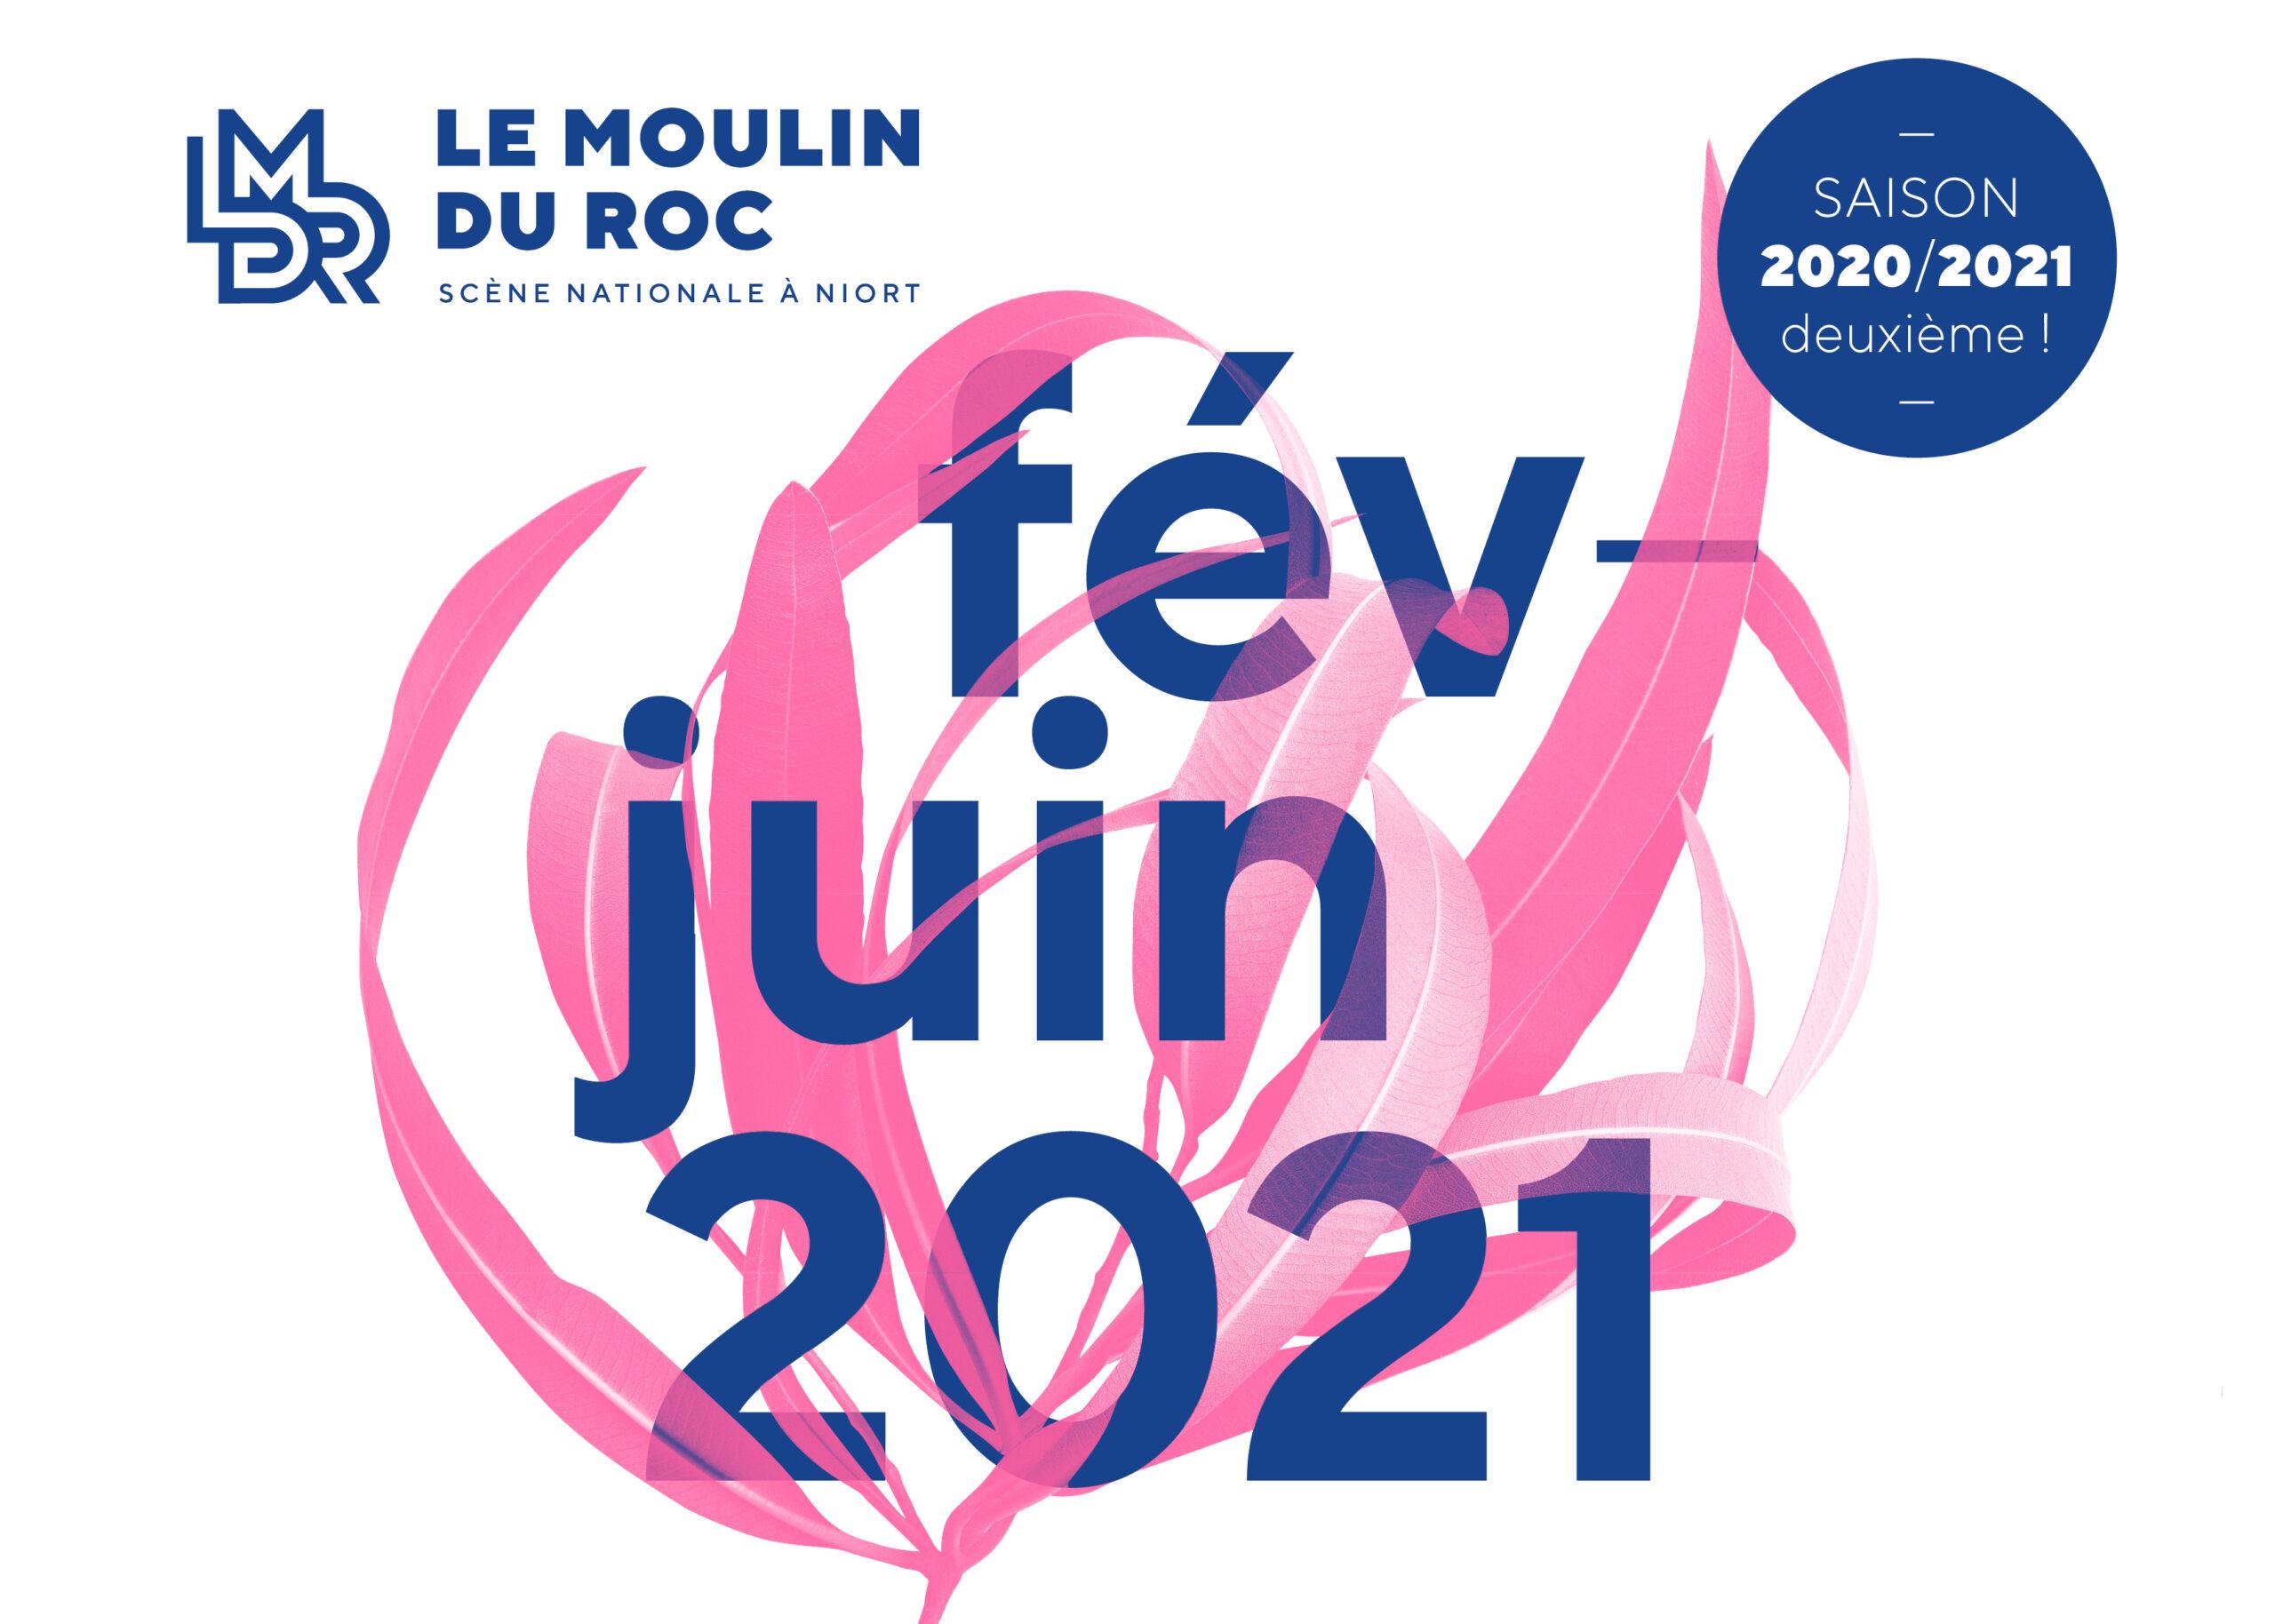 Lancement de la billetterie semestre 2 du Moulin du Roc à Niort, de février à juin 2021